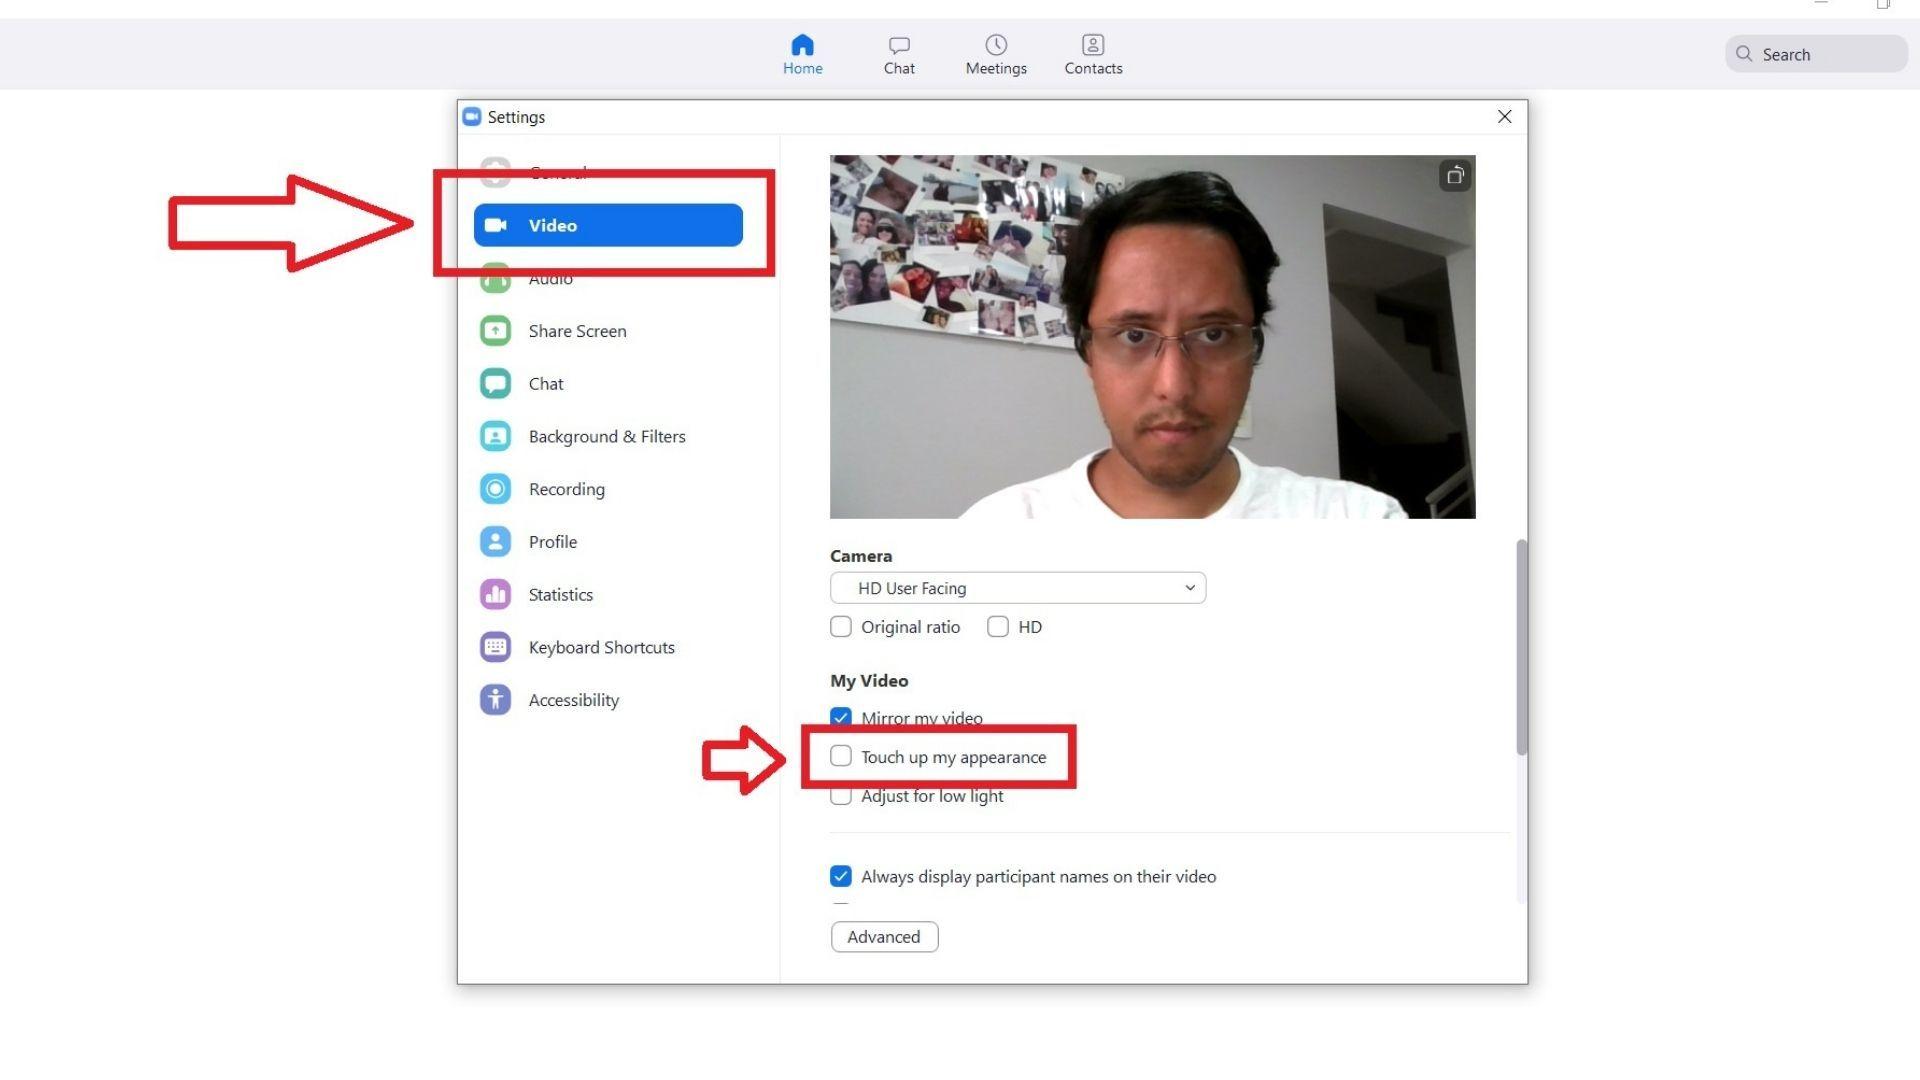 """O botão """"Touch up my appearance"""" deve estar desativado por padrão. Clique nele! (Reprodução: Guilherme Toscano)"""